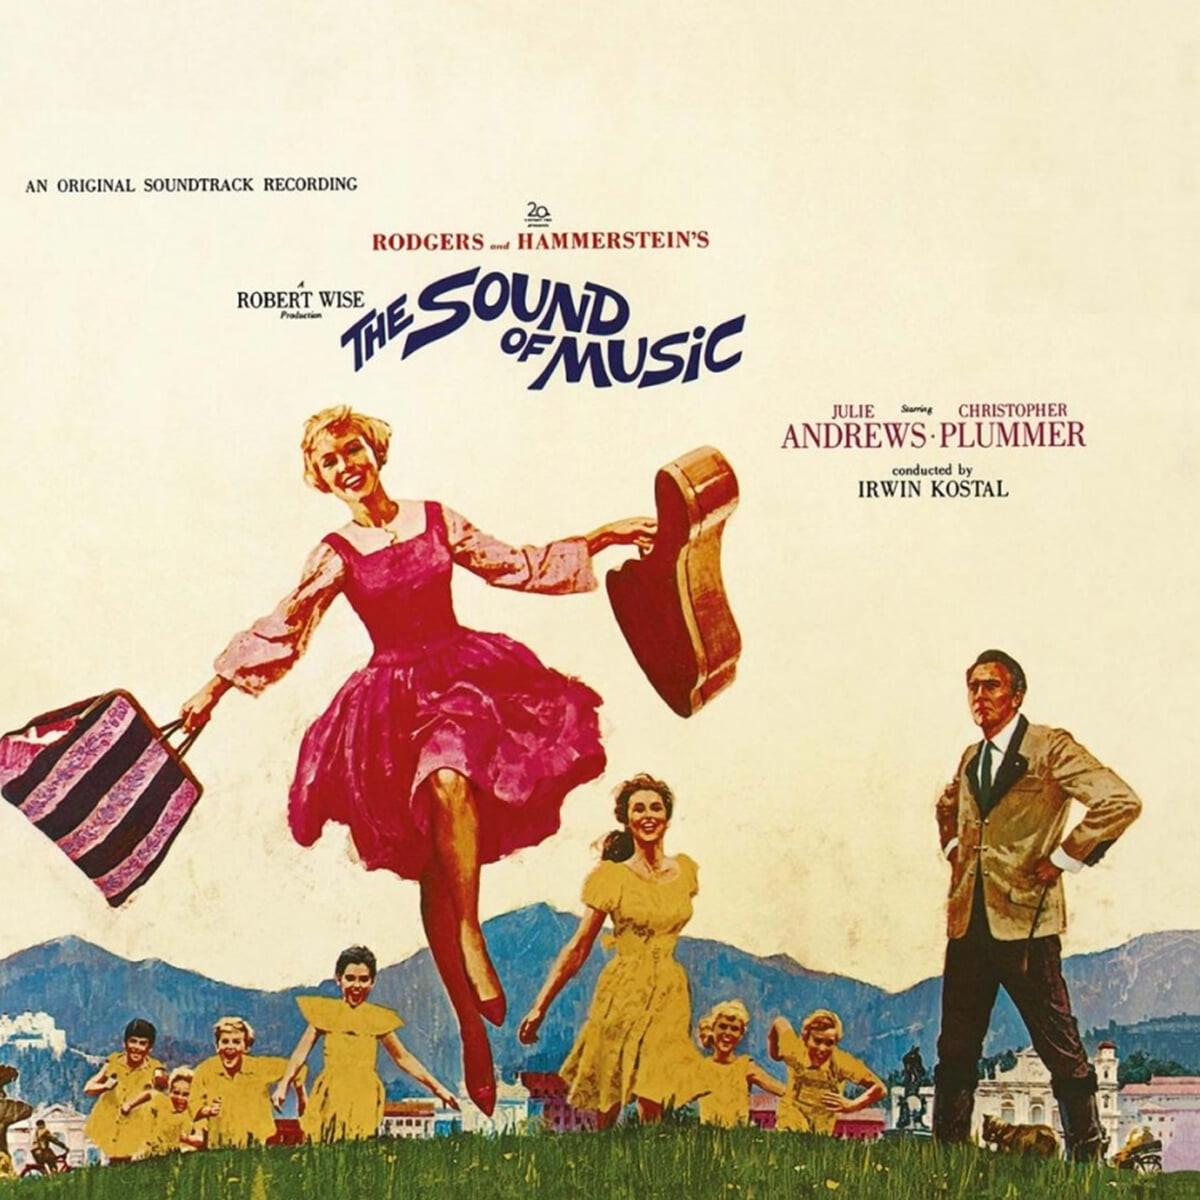 사운드 오브 뮤직 영화음악 (The Sound Of Music OST) [골든 선 컬러 LP]